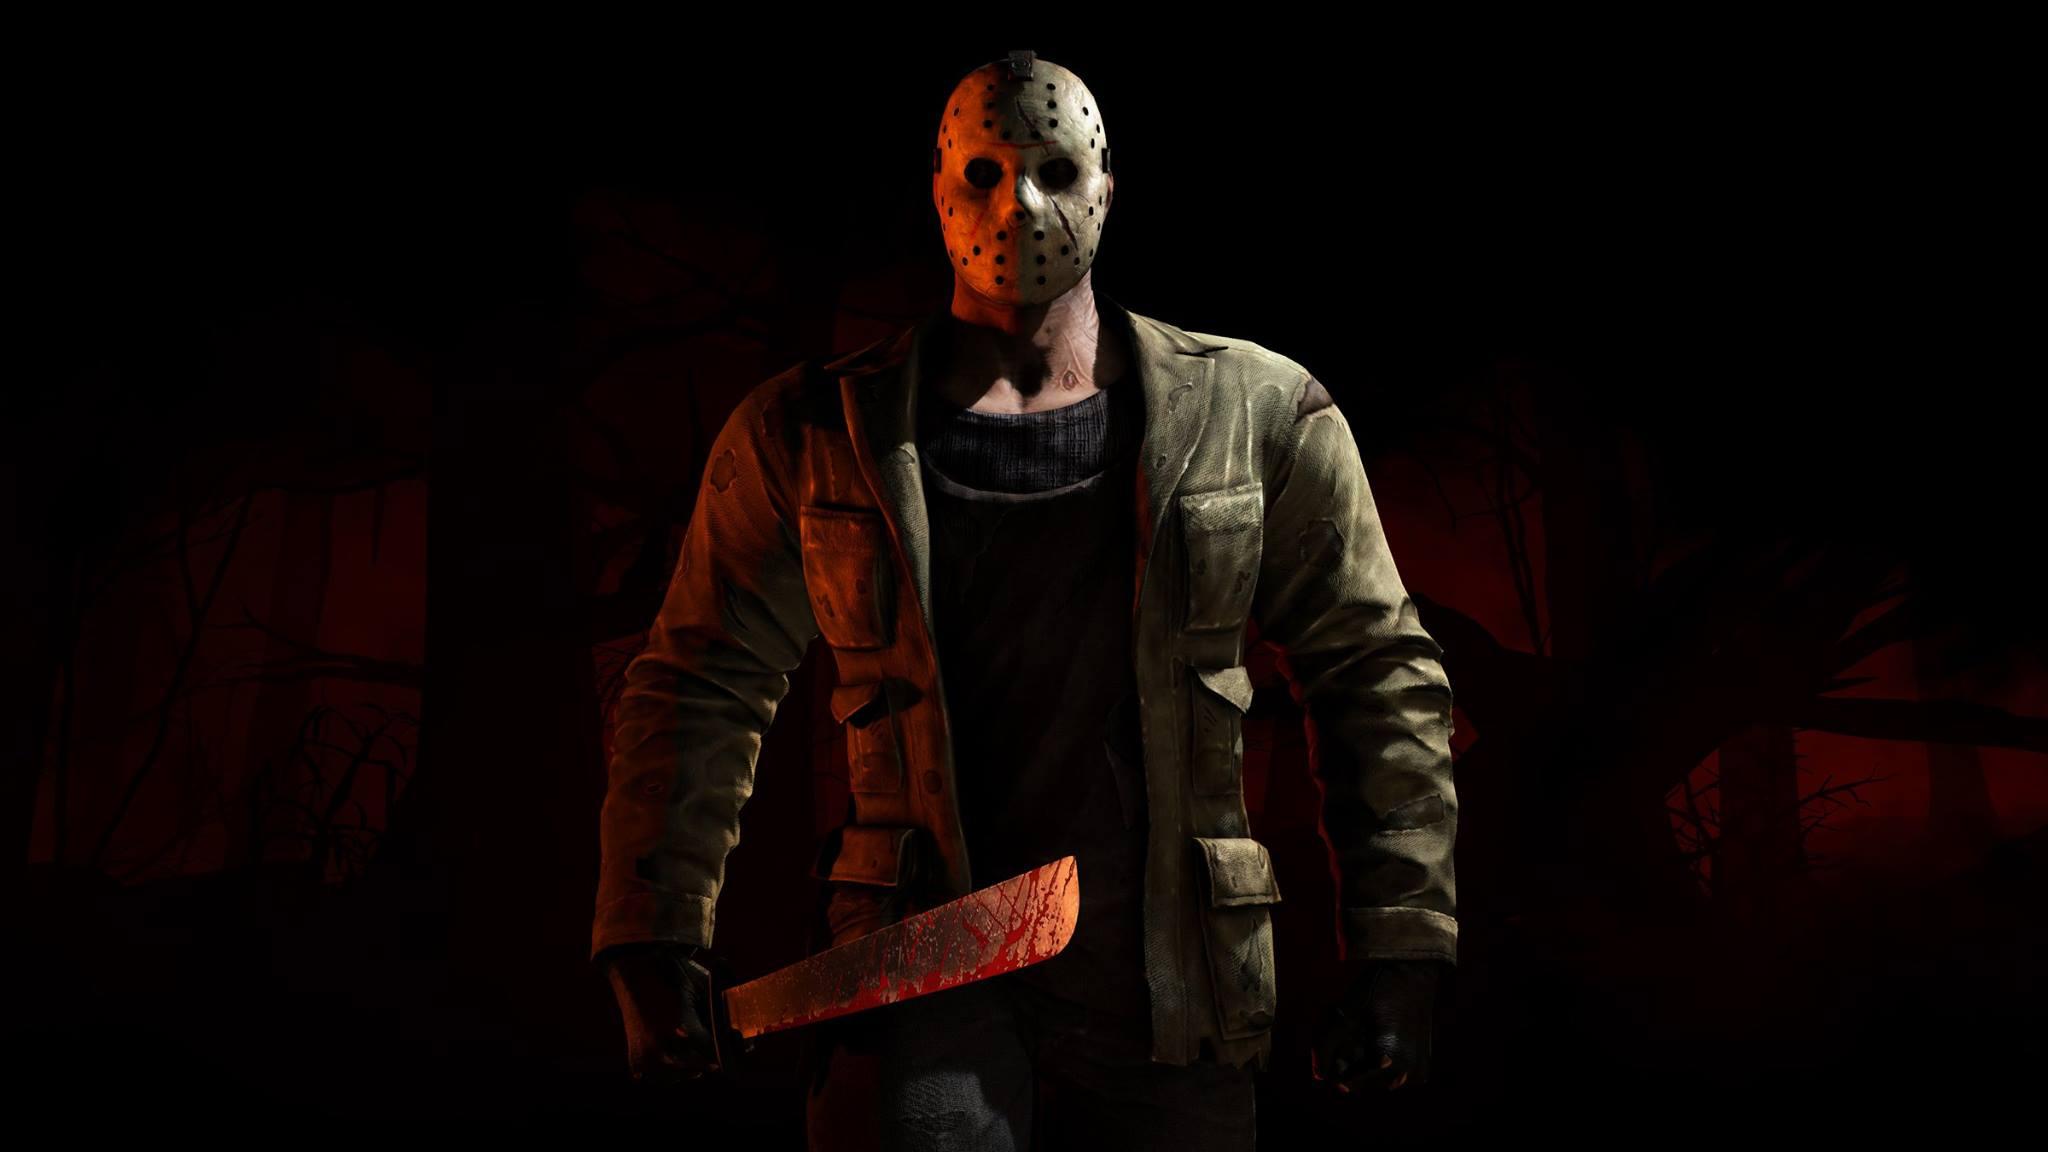 Jason Voorhees to appear in Mortal Kombat X